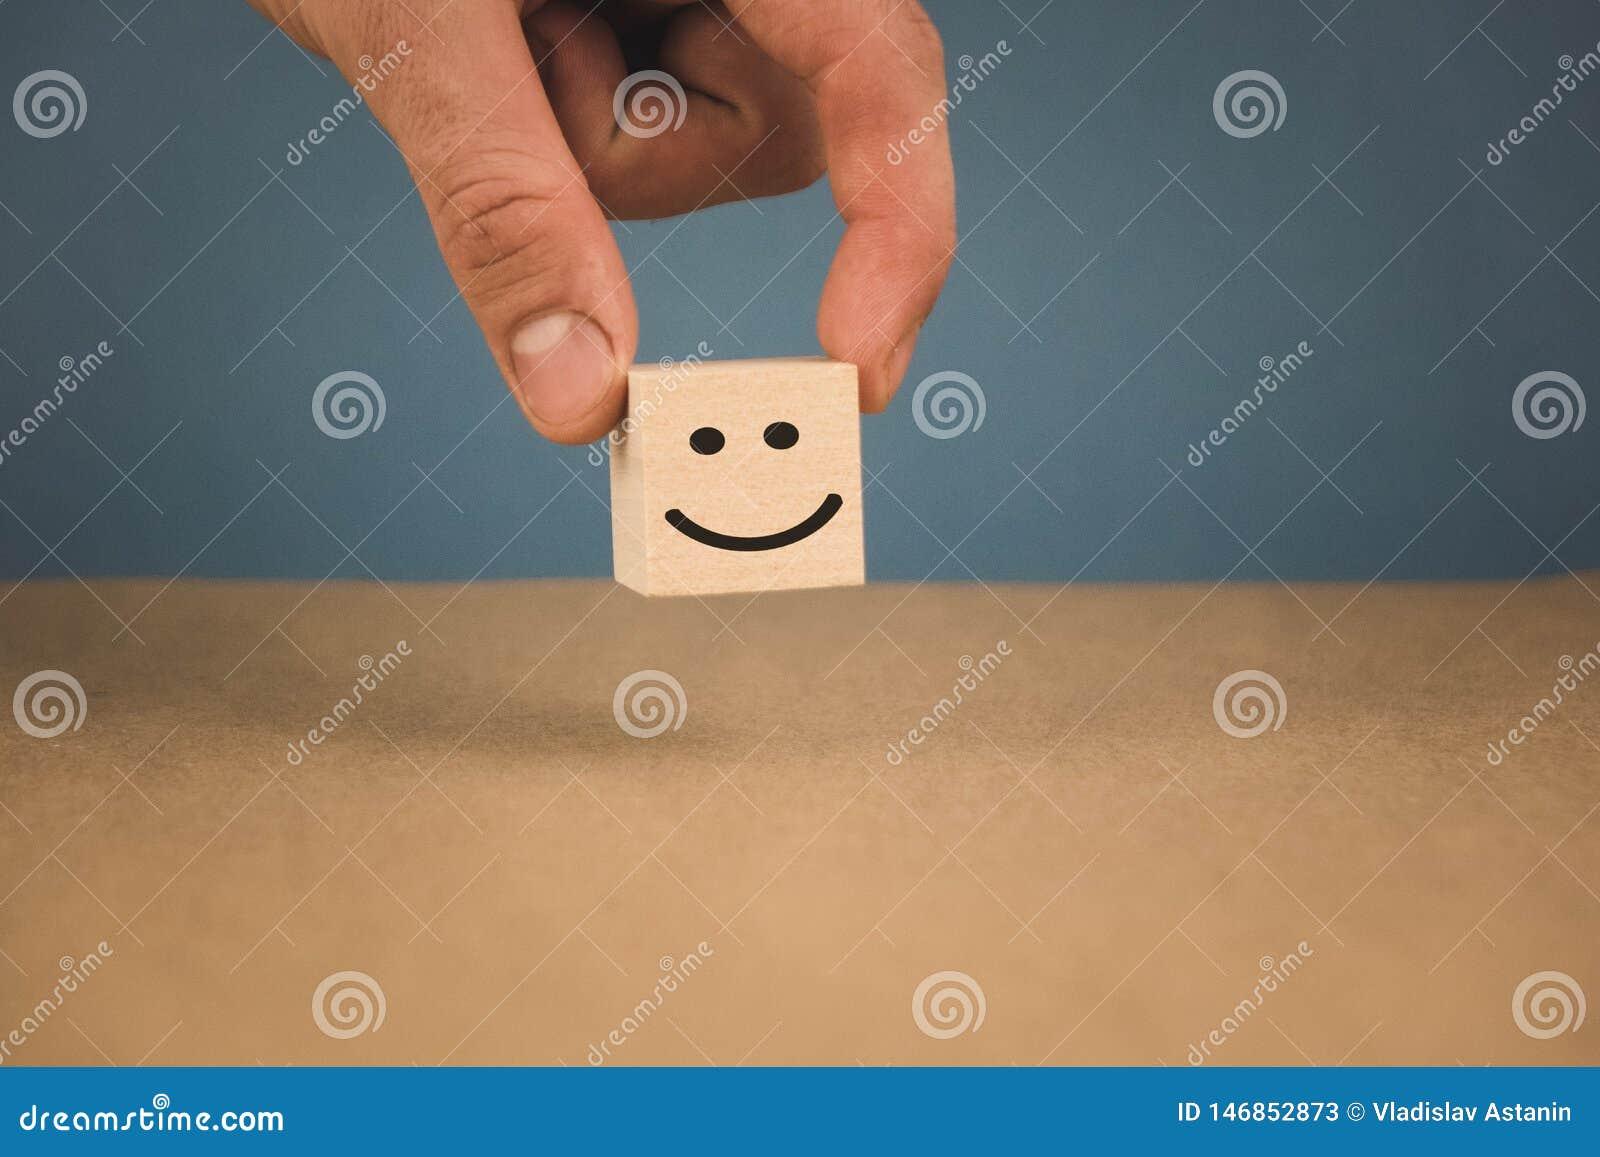 Cubo de madera y la imagen de un smiley sonriente que es la mano de los in person